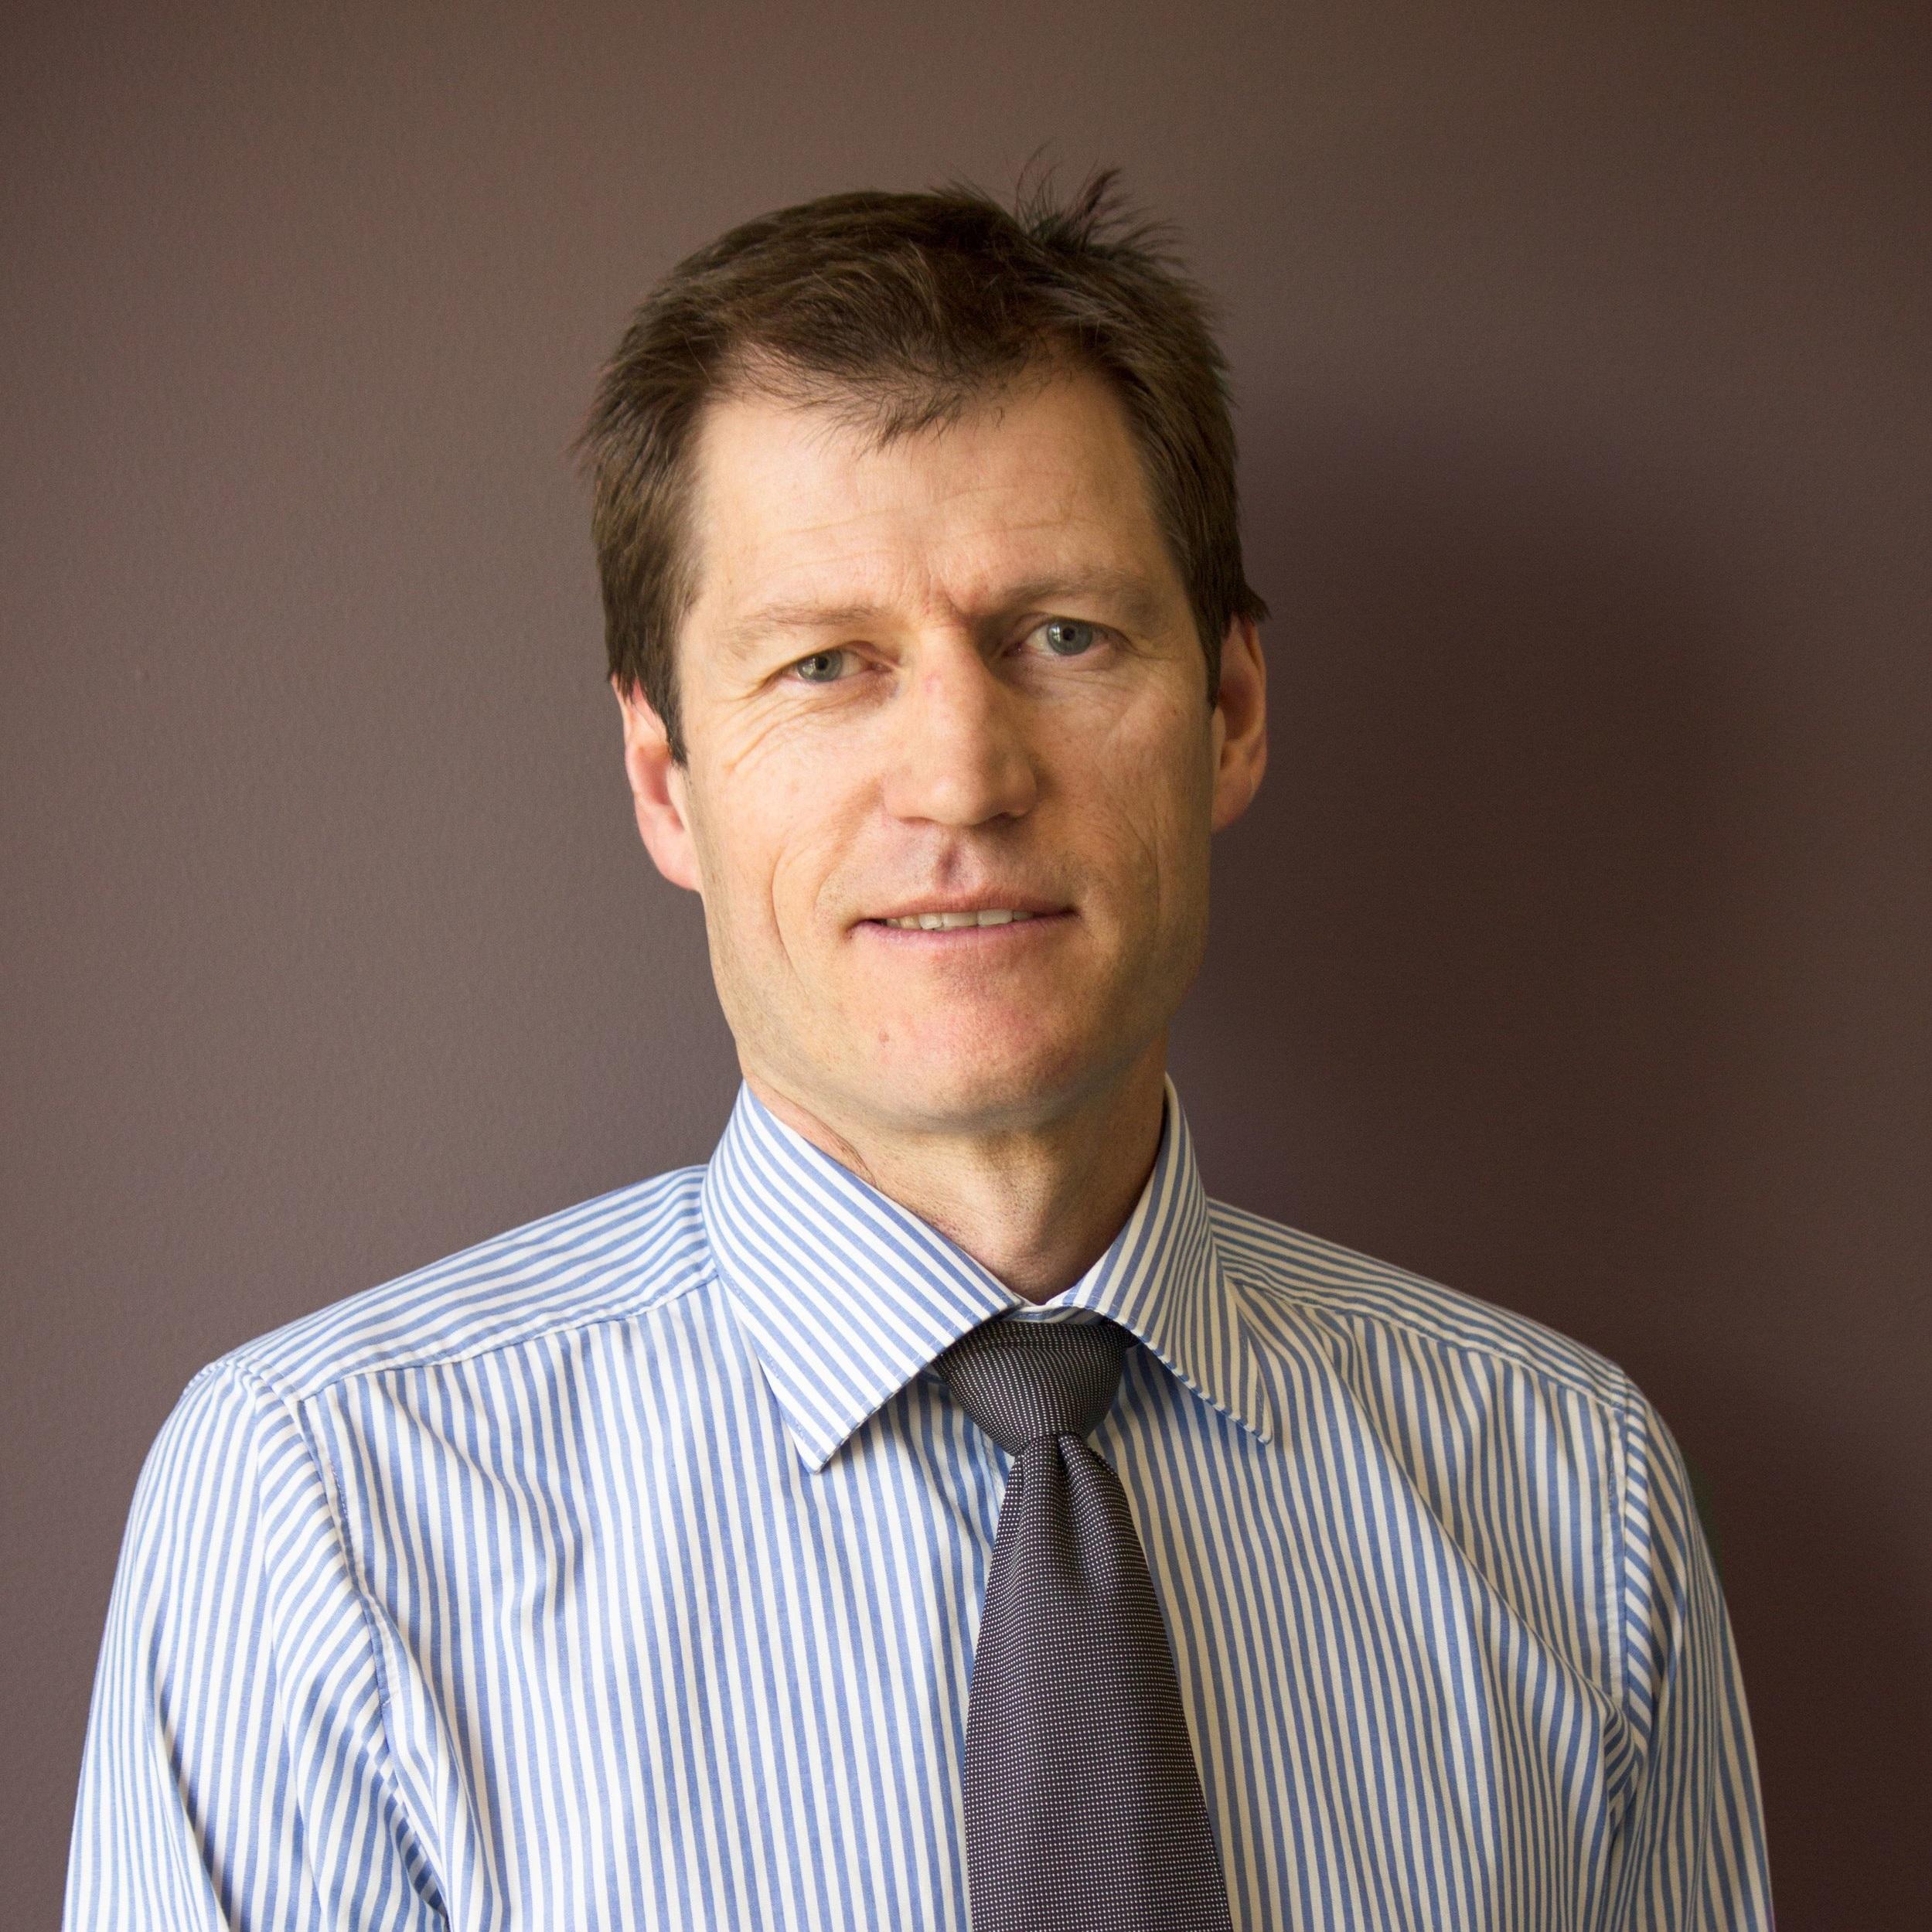 Michael+Easton+-+Integrity+Commission+Tasmania.jpg